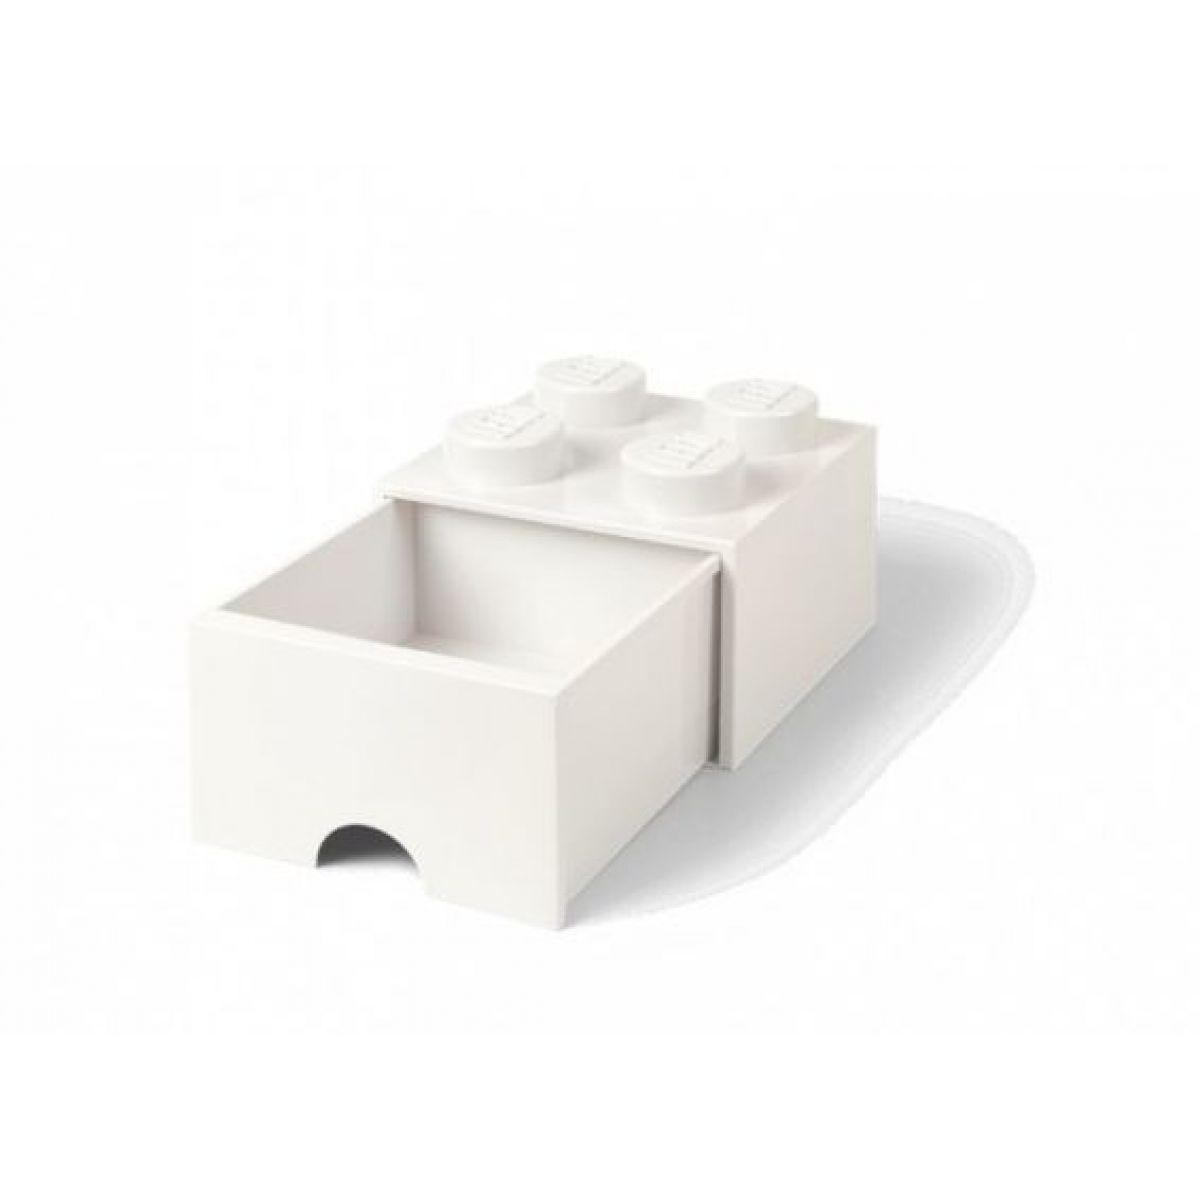 LEGO úložný box 4 s šuplíkem - Bílá